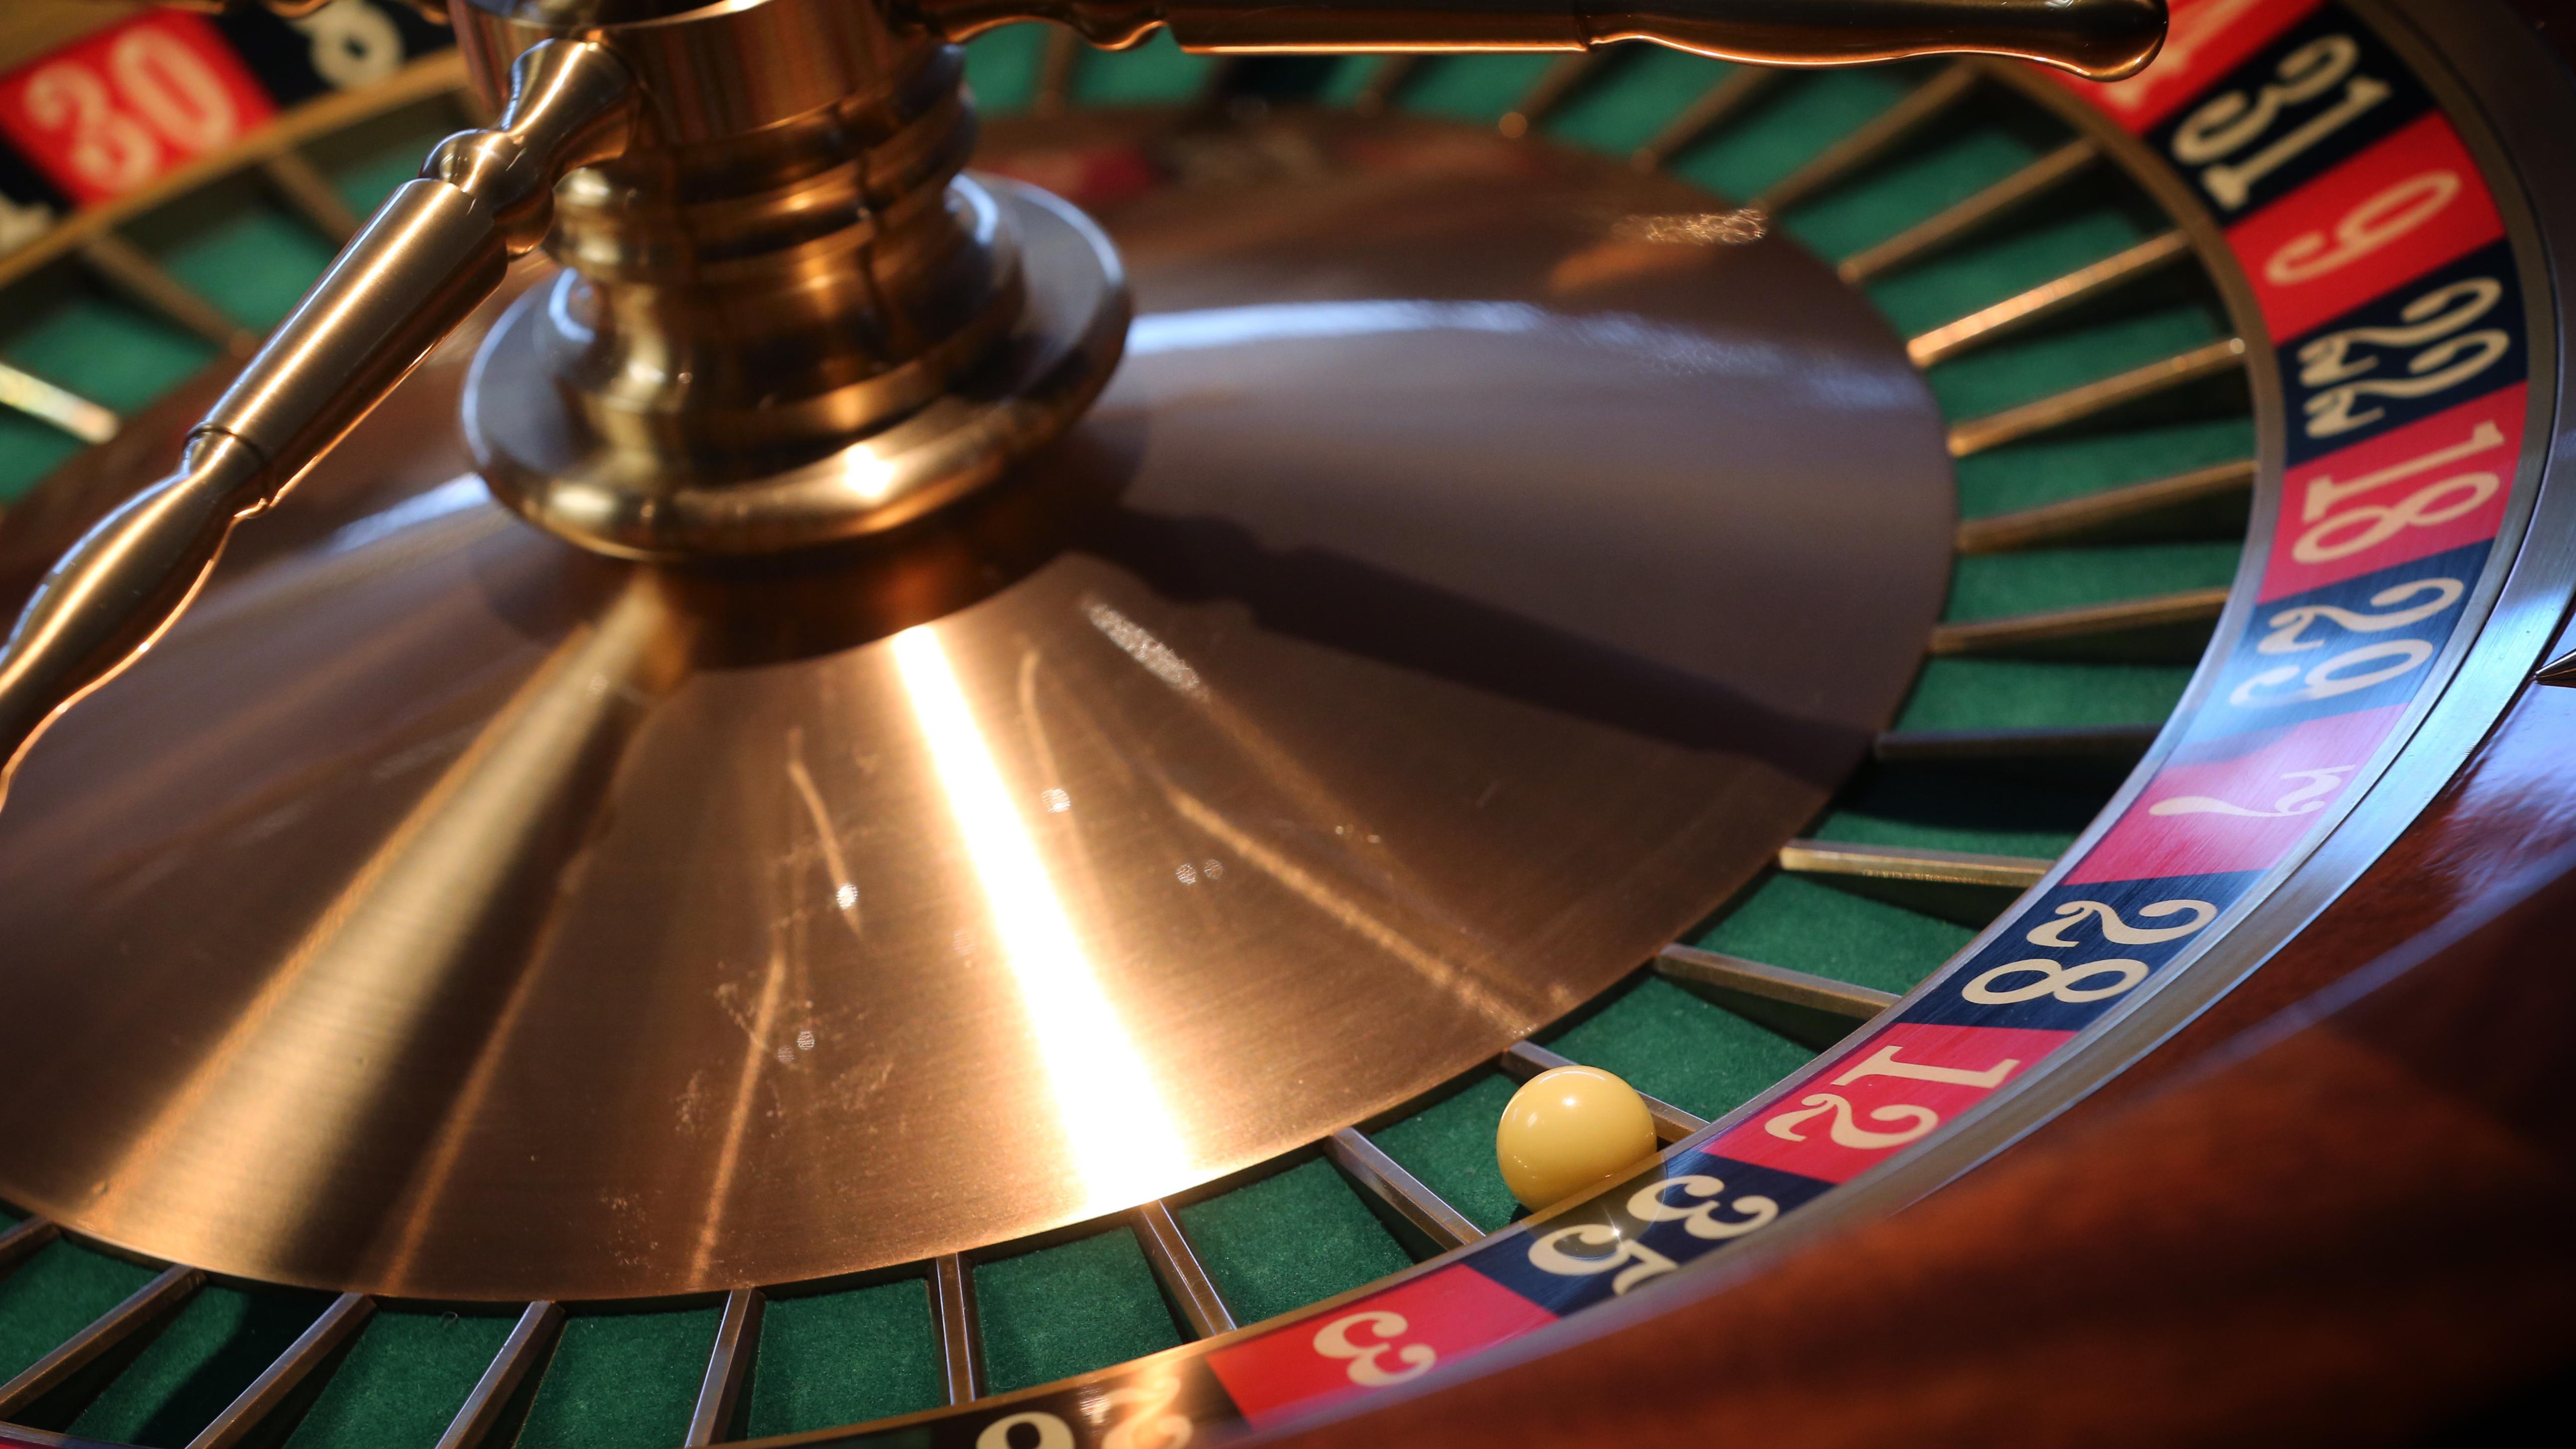 Bayern, Lindau: Eine Kugel liegt in der Spielbank Lindau im Kessel eines Roulette-Tisches.